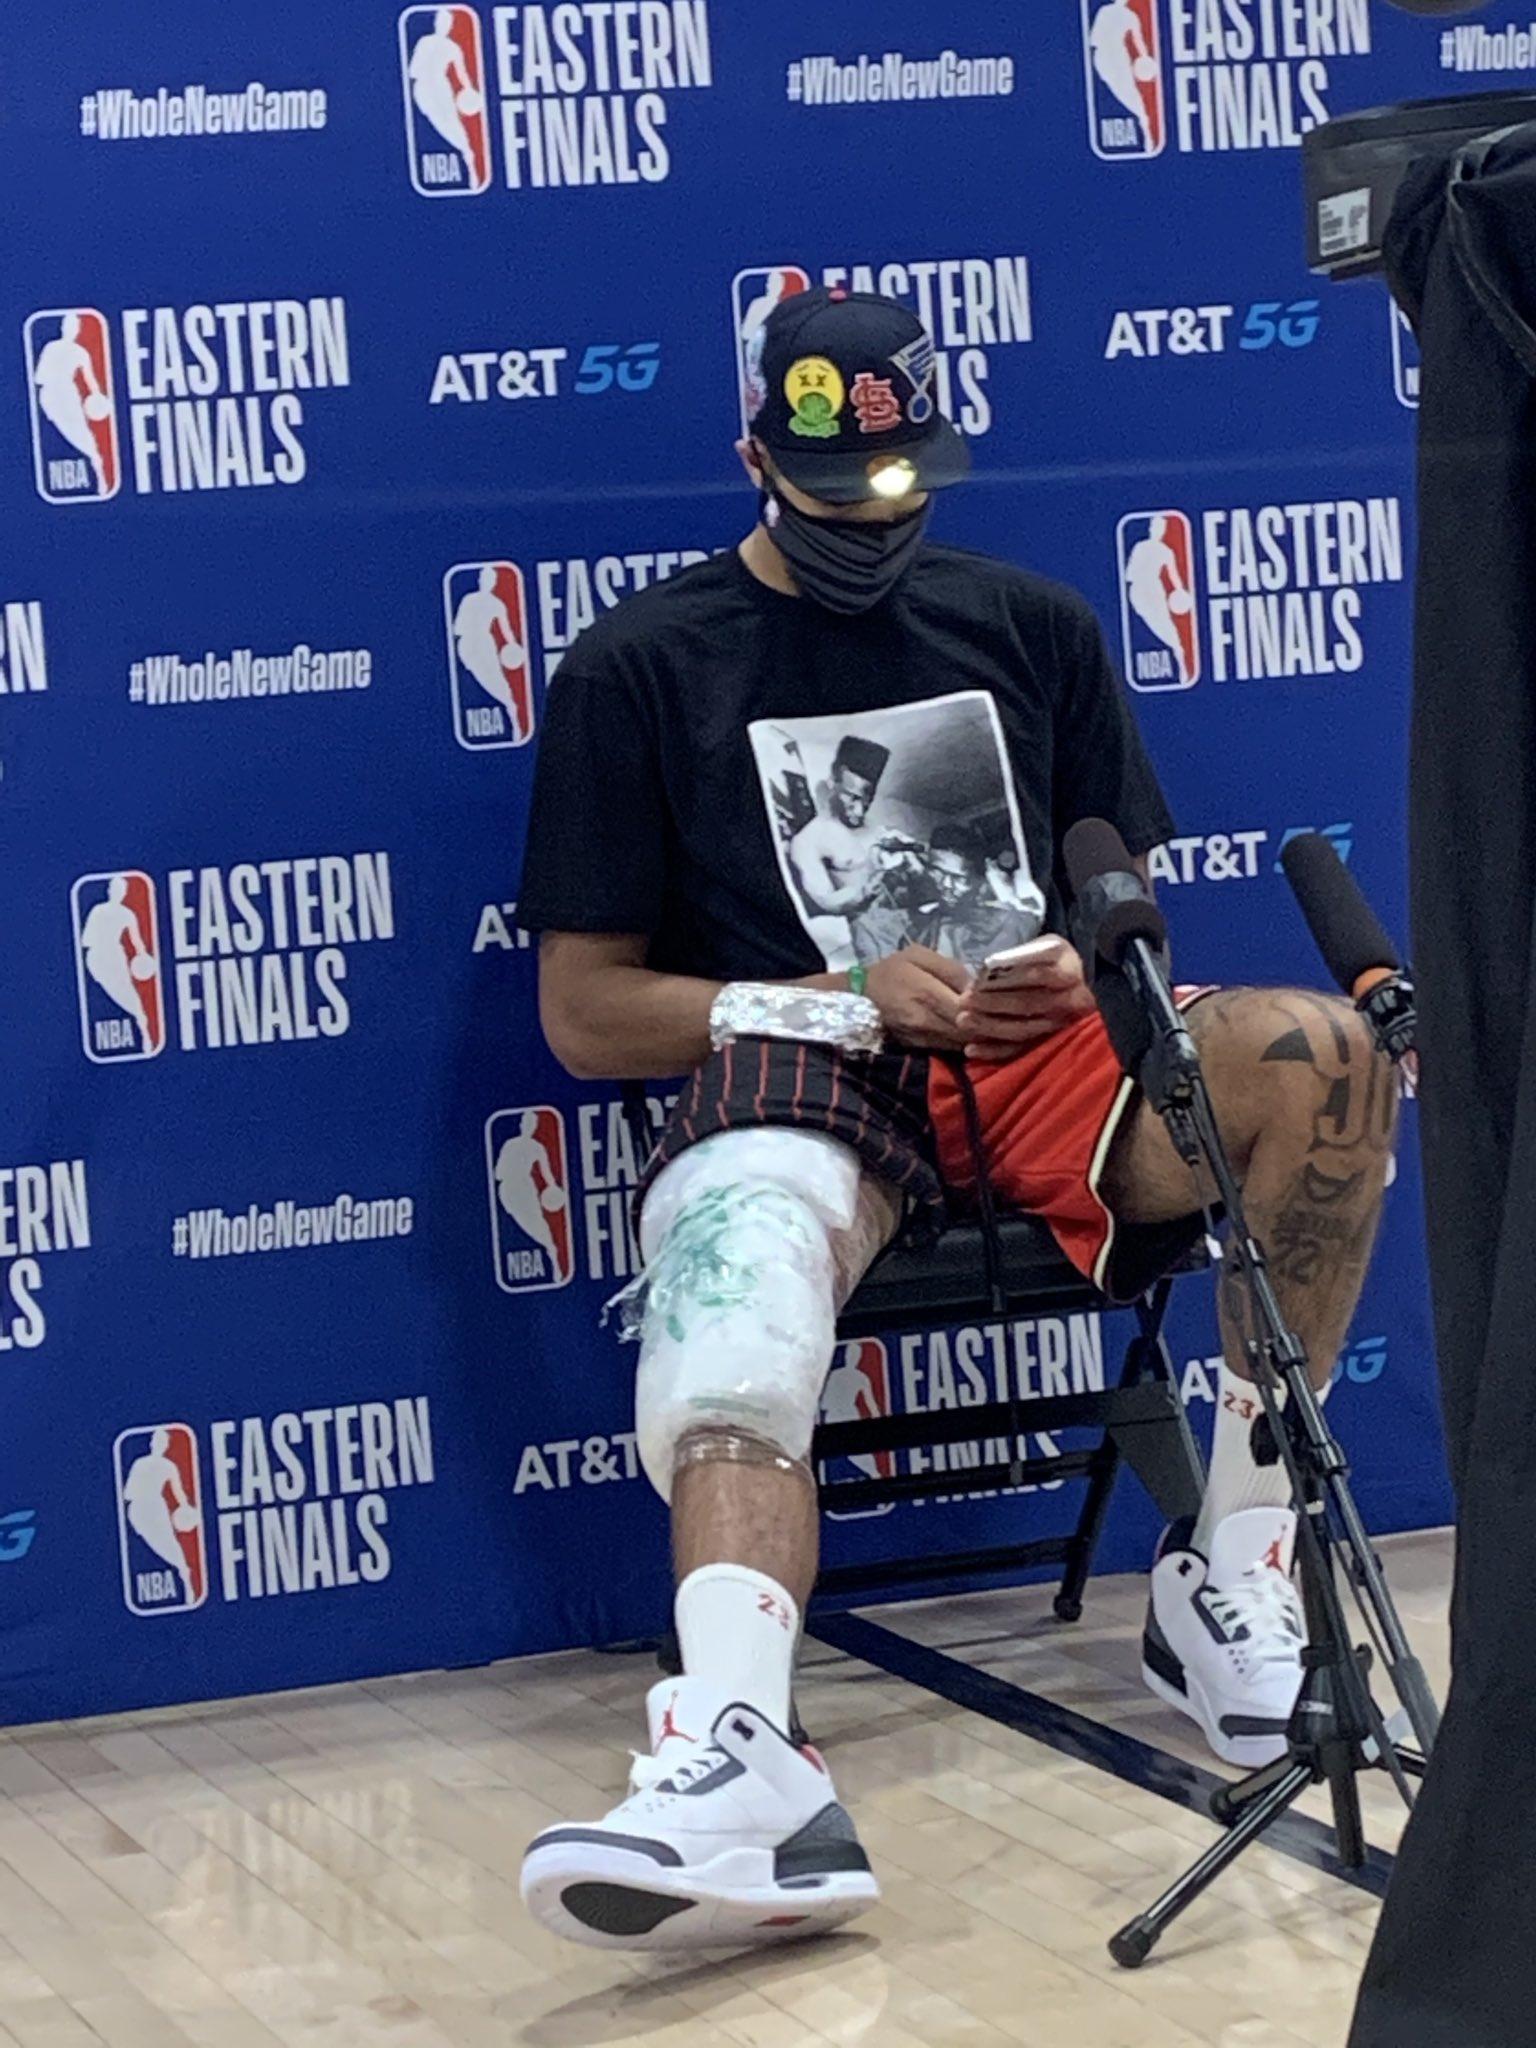 塔特姆赛后接受采访时右腿膝盖上绑着厚重的冰亚博棋牌娱乐袋